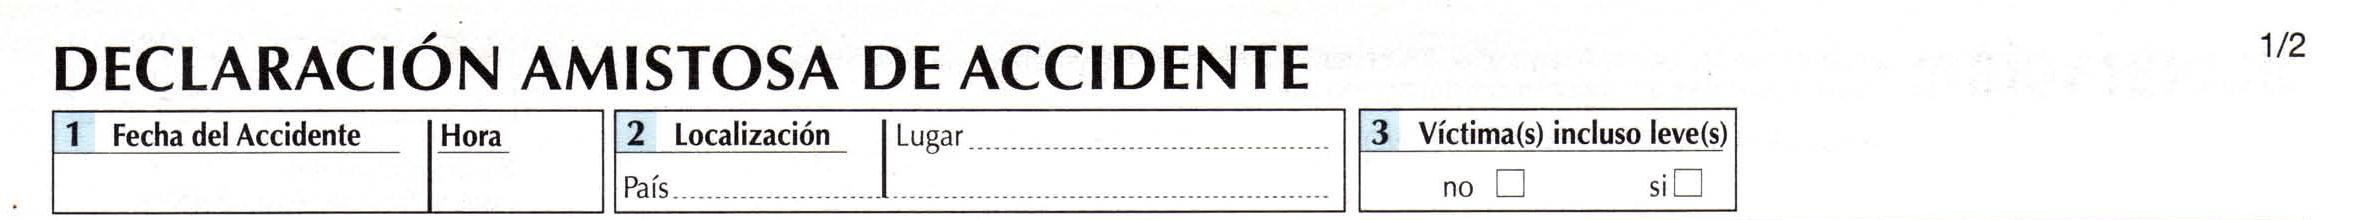 Declaración amistosa de accidente